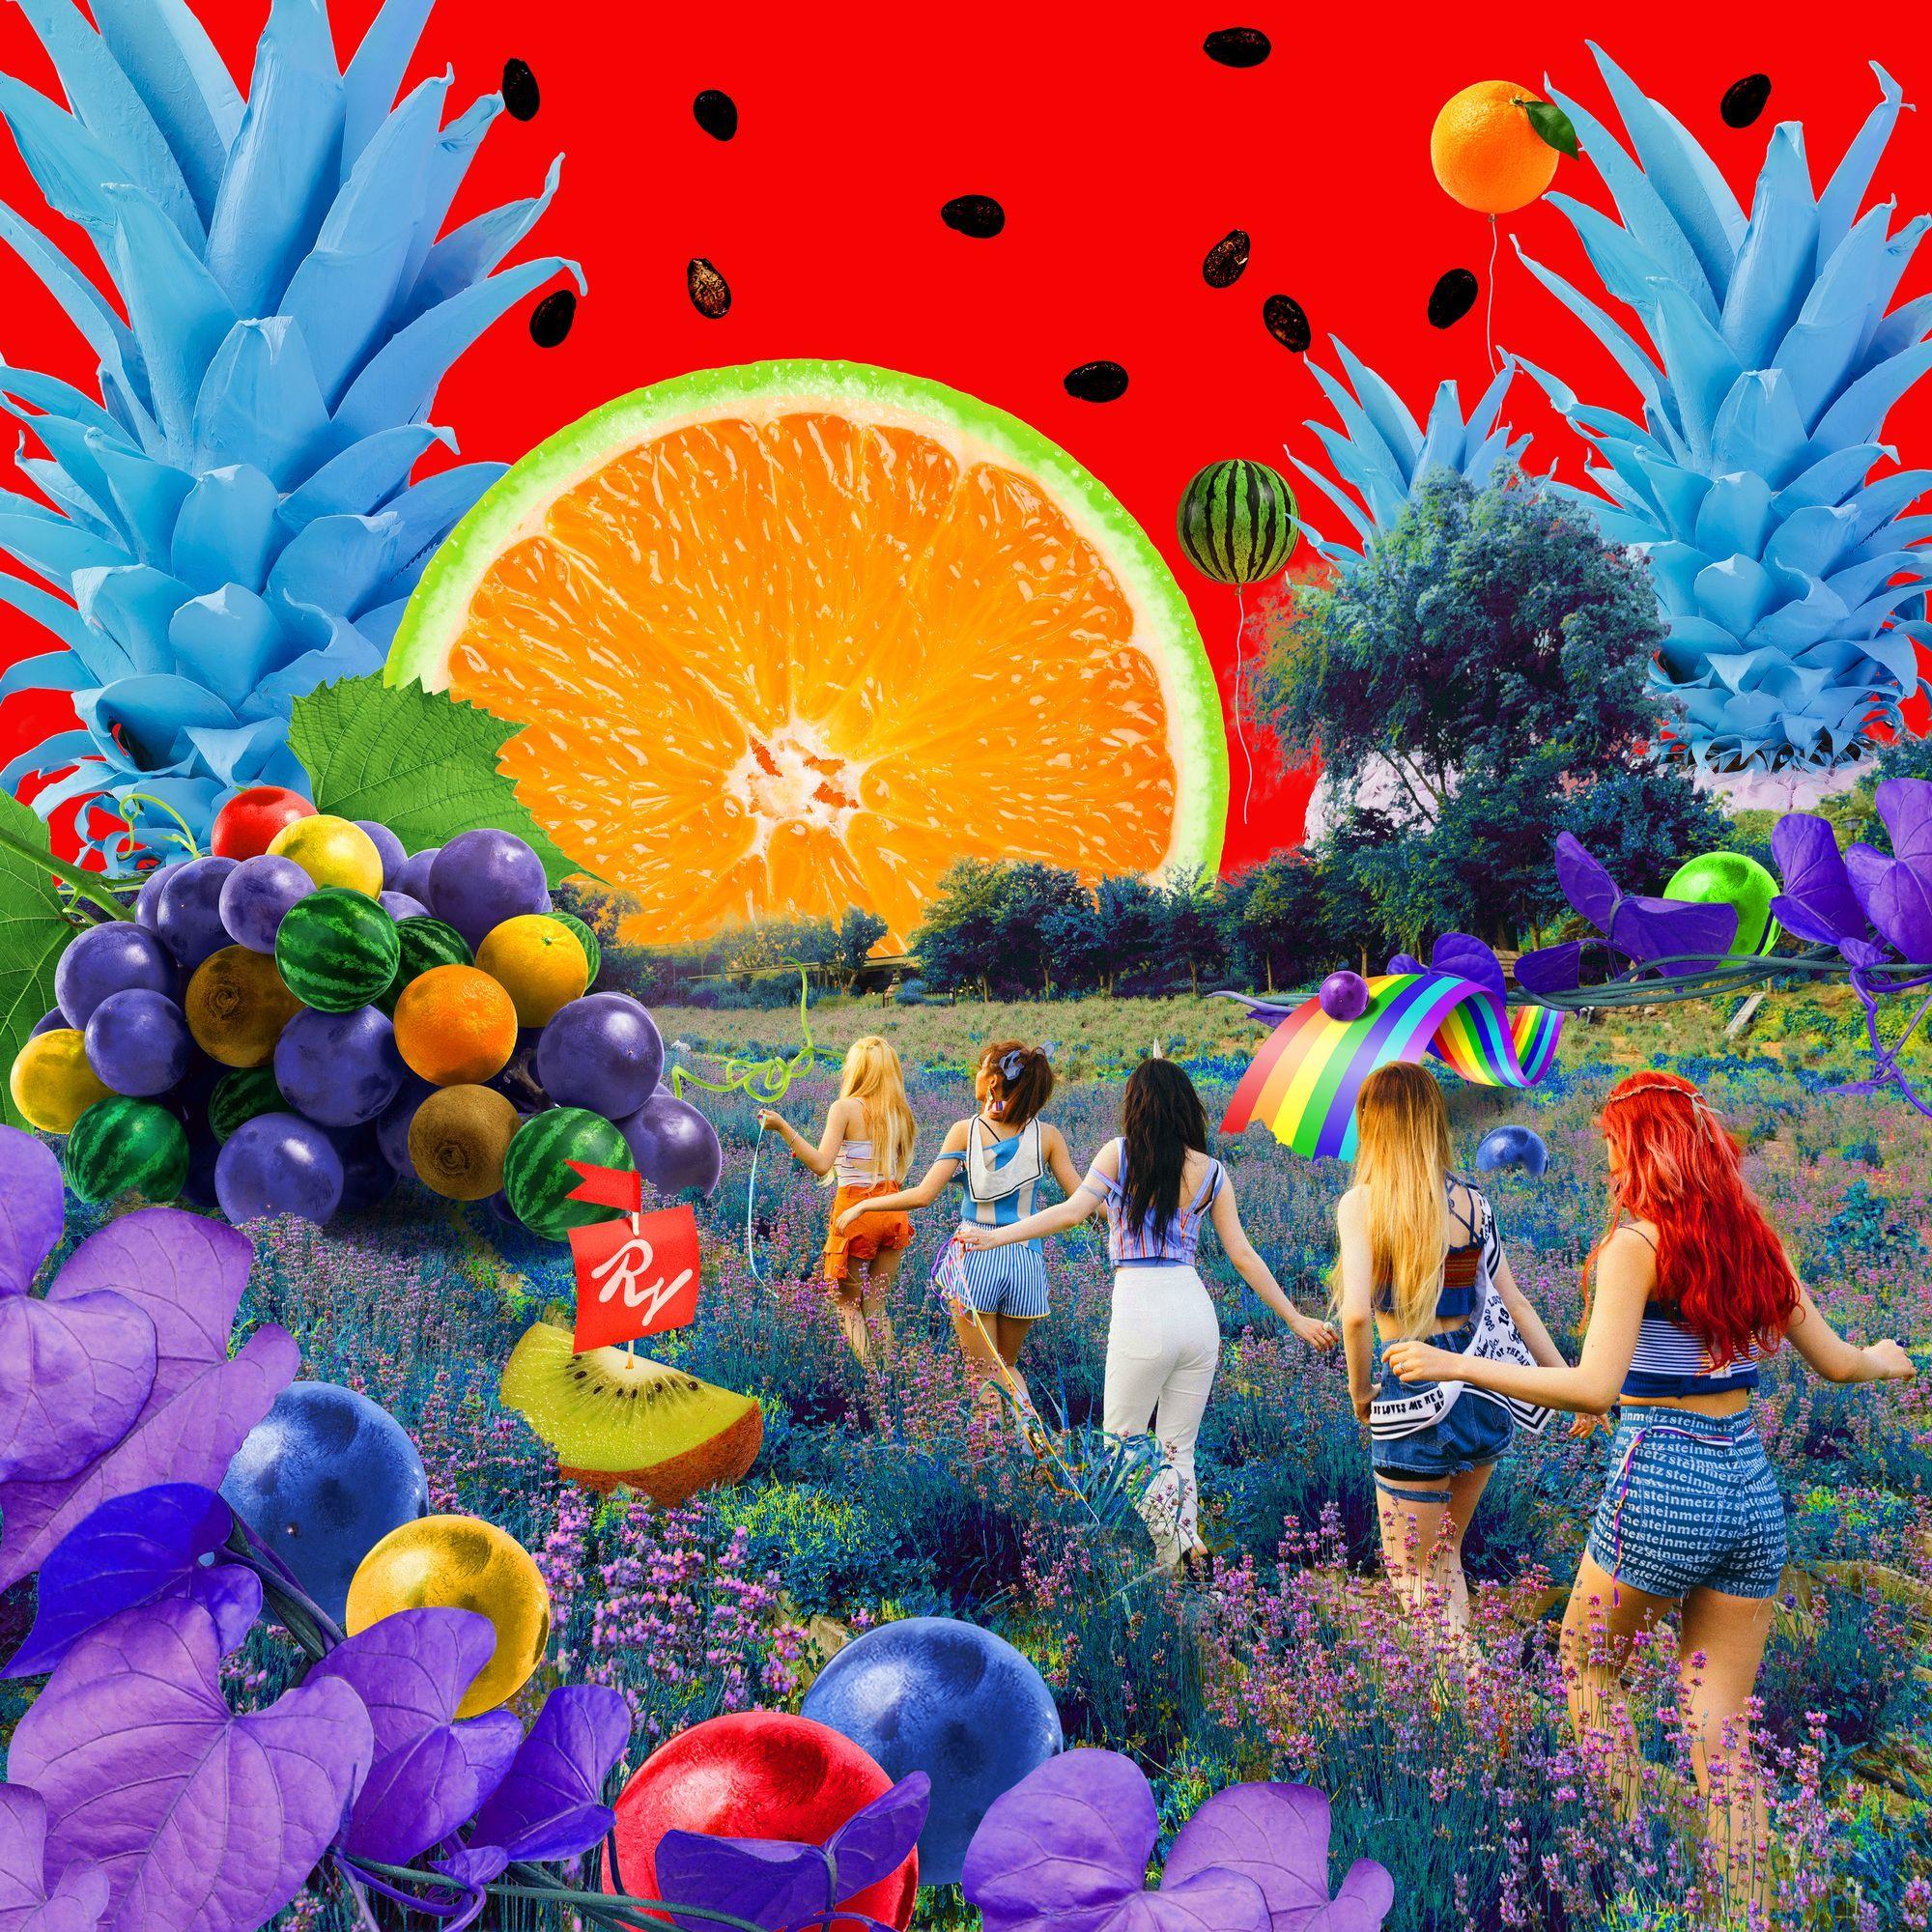 Imagini pentru red velvet the red summer copert